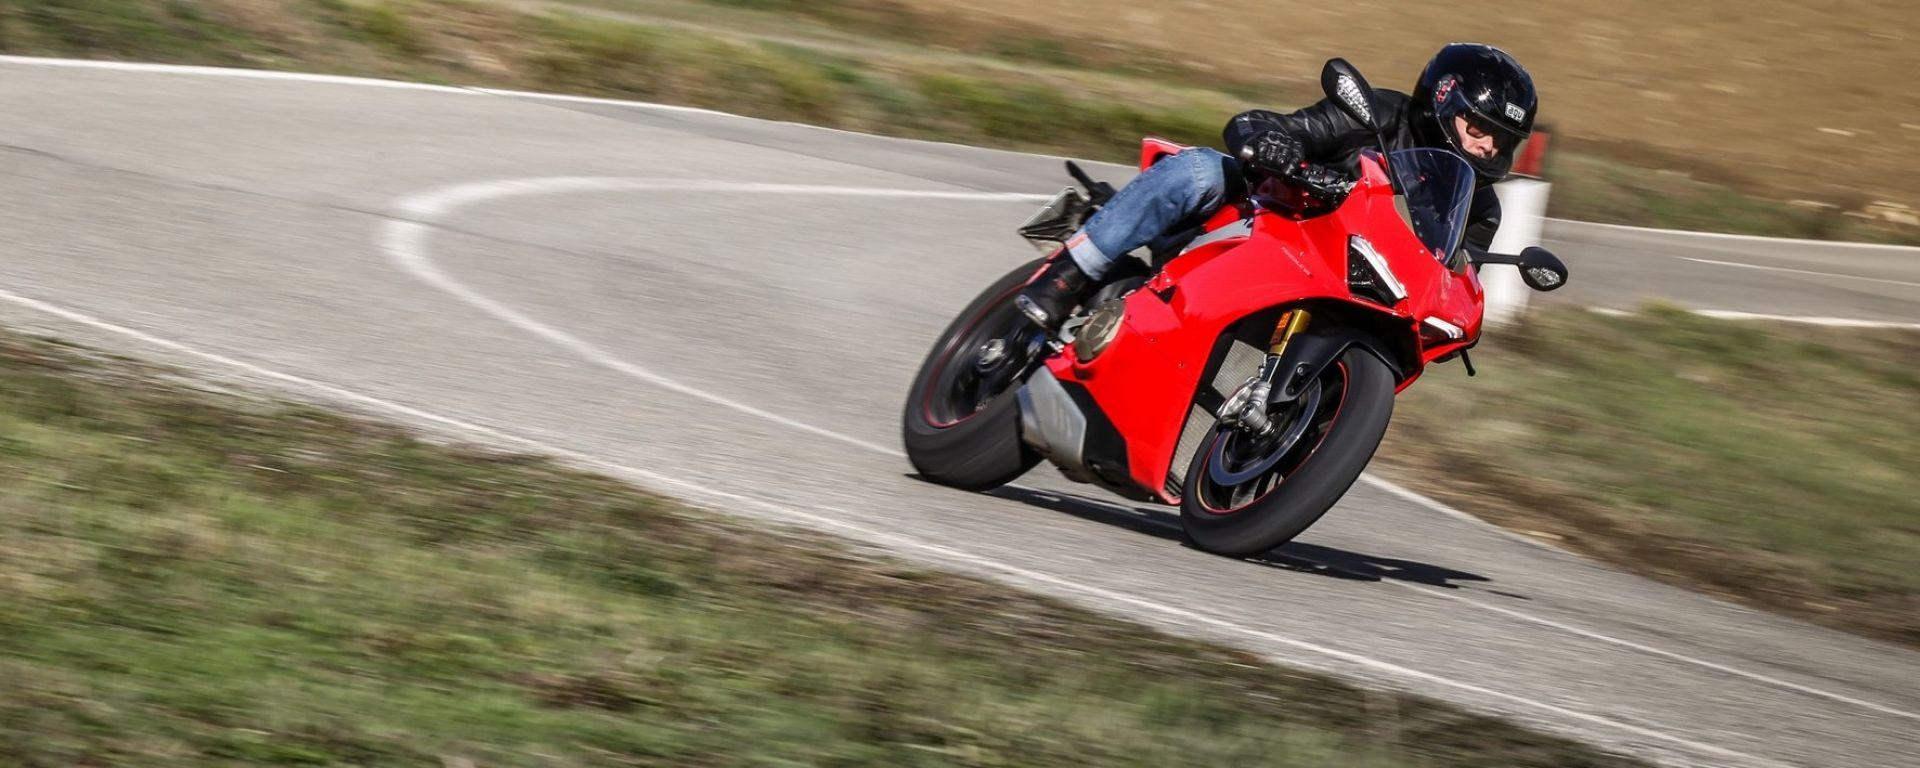 In prova con la Ducati Panigale V4s